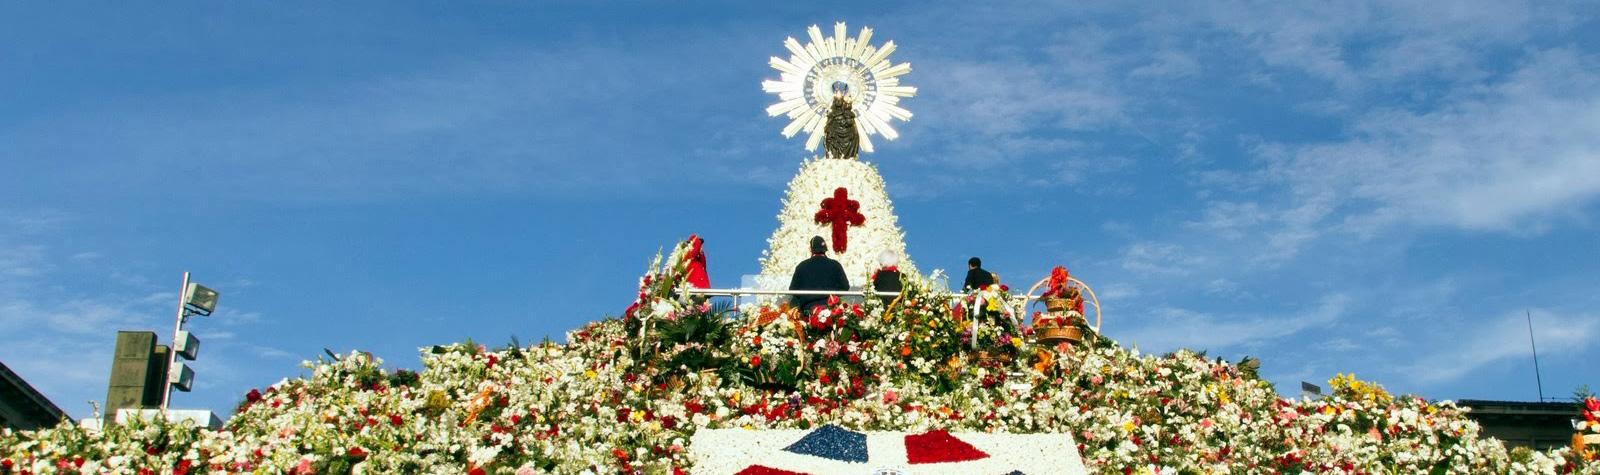 Tradición y Flores para el Día del Pilar